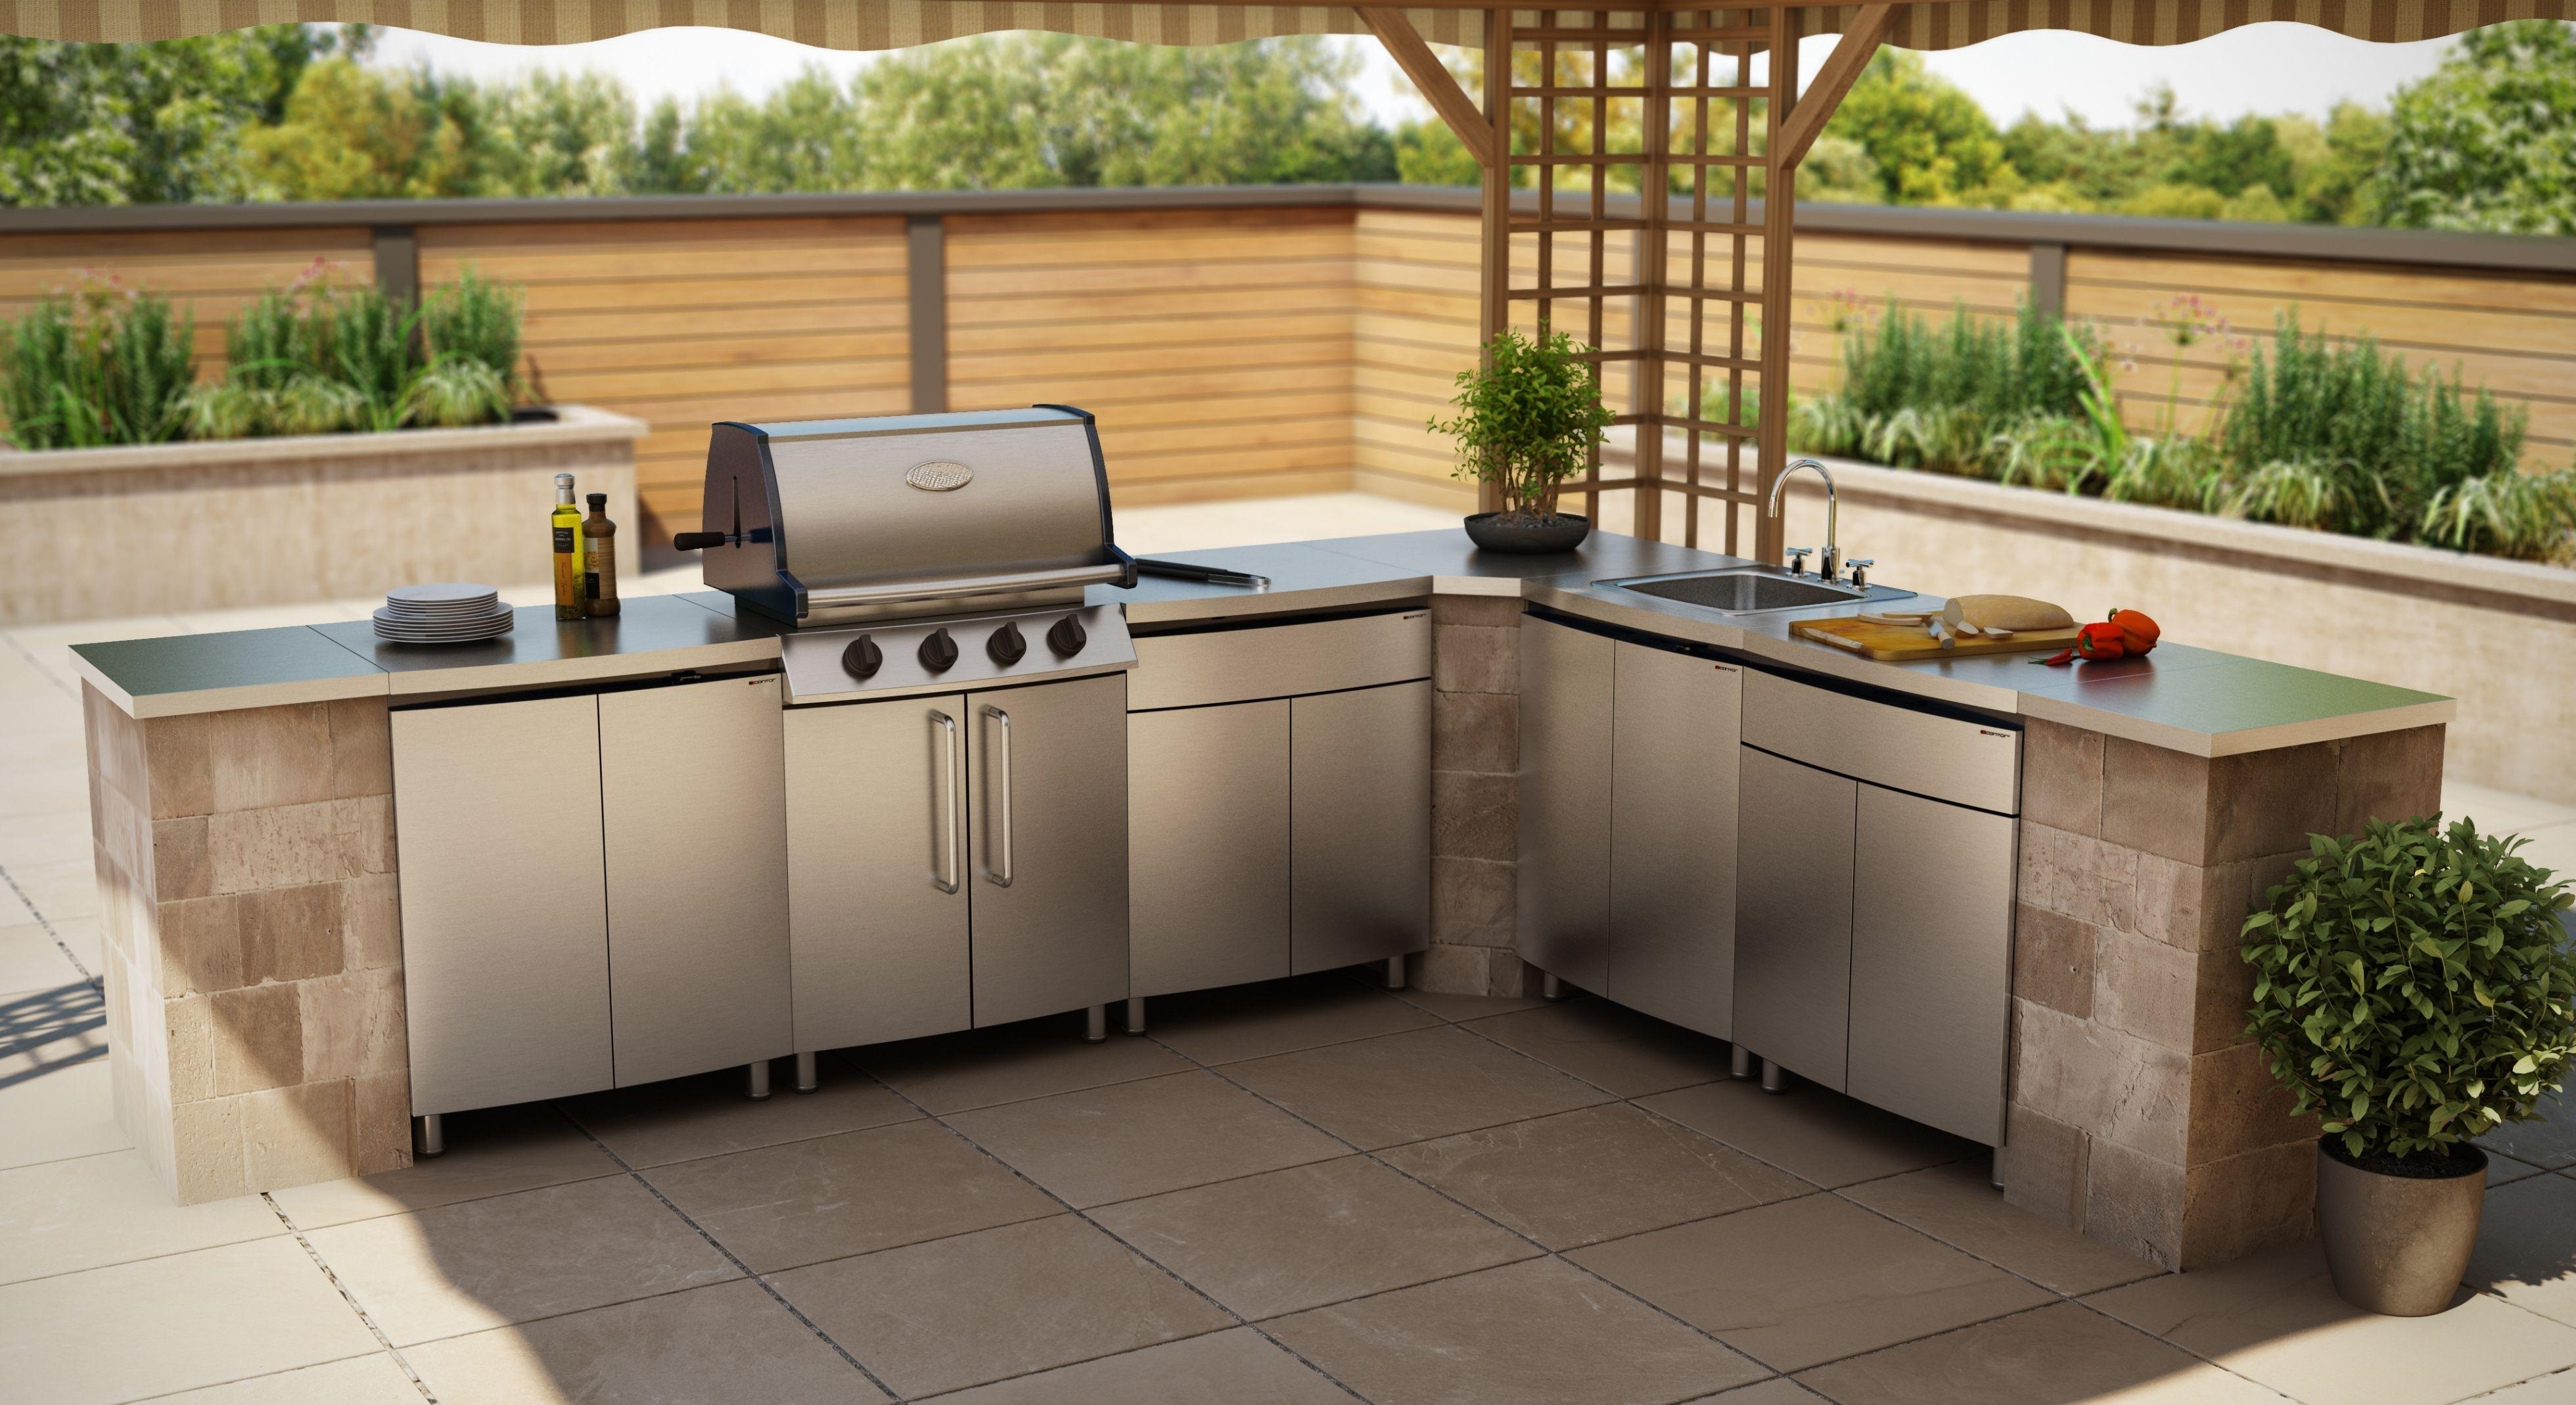 Stainless Steel Outdoor Kitchen Cabinets Outdoor Kitchen Design